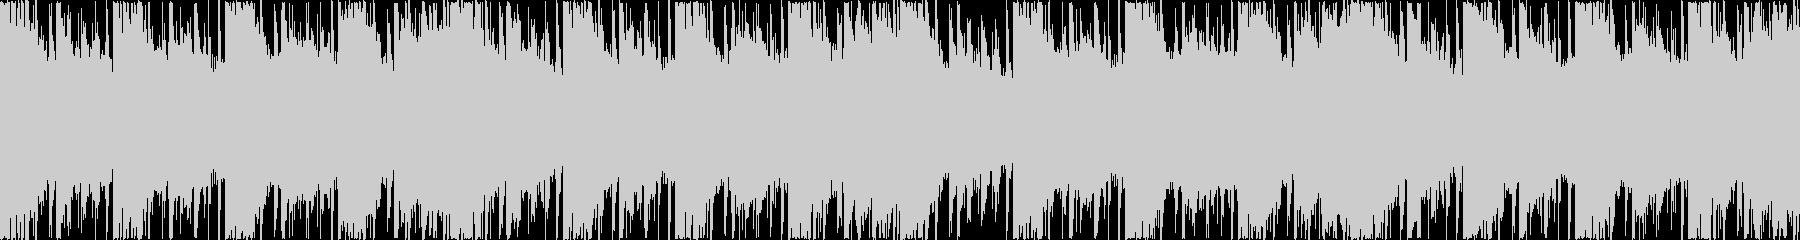 エレクトロニカ風BGM(ループ)の未再生の波形